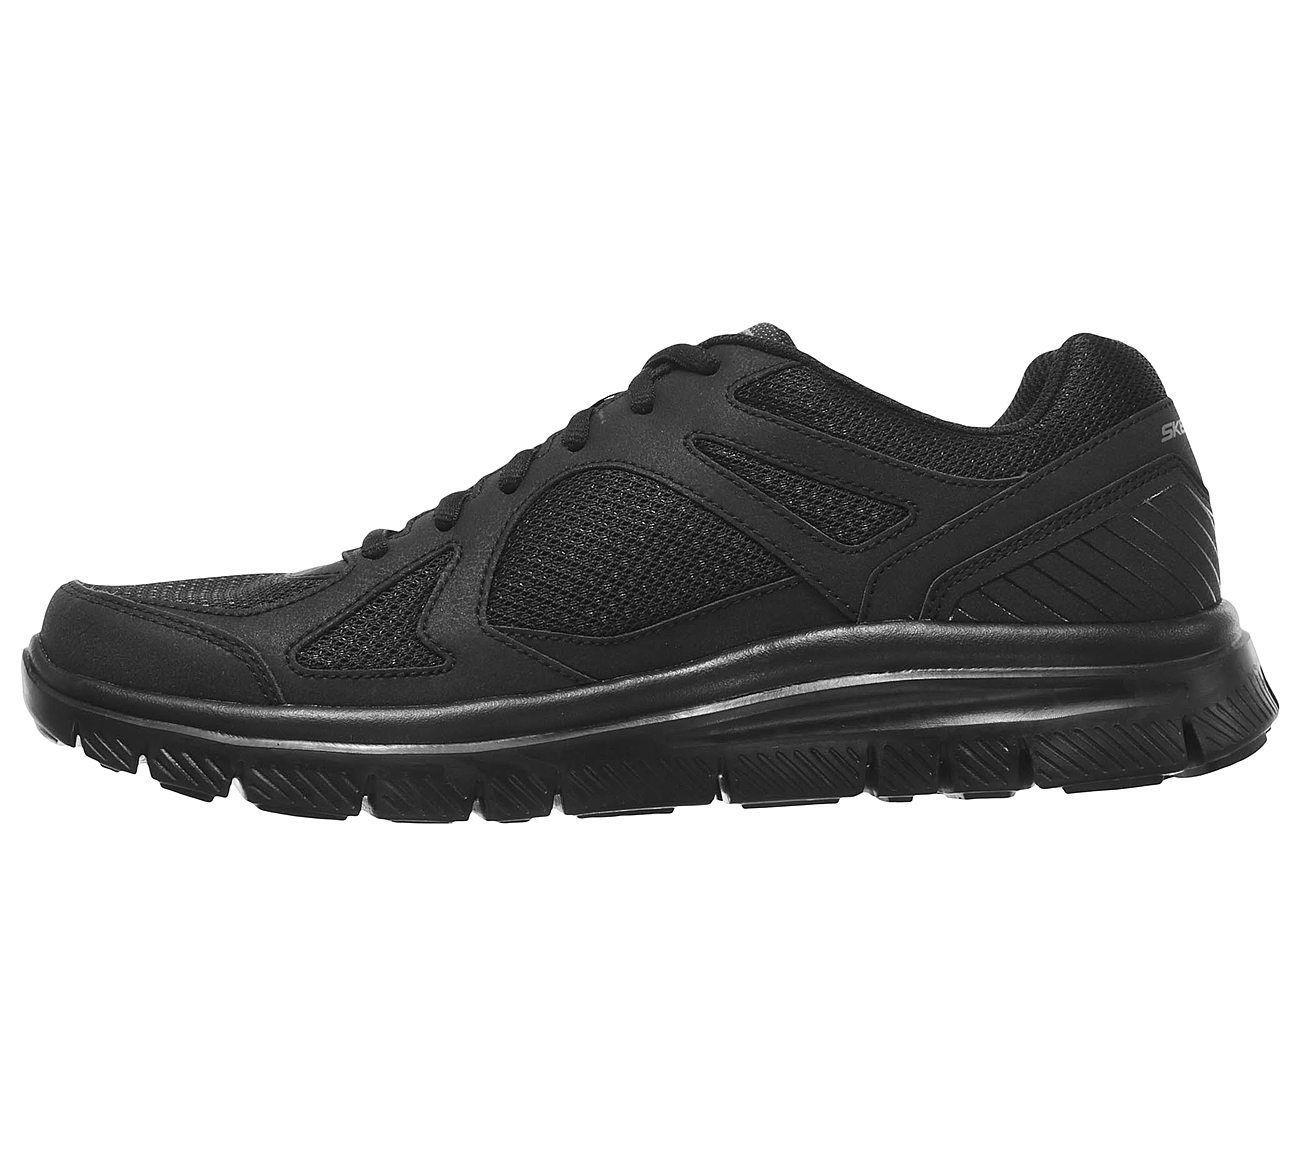 58352 Nero Skechers Scarpe Uomo Confortevole Casual Mesh Sport Memory Sneaker